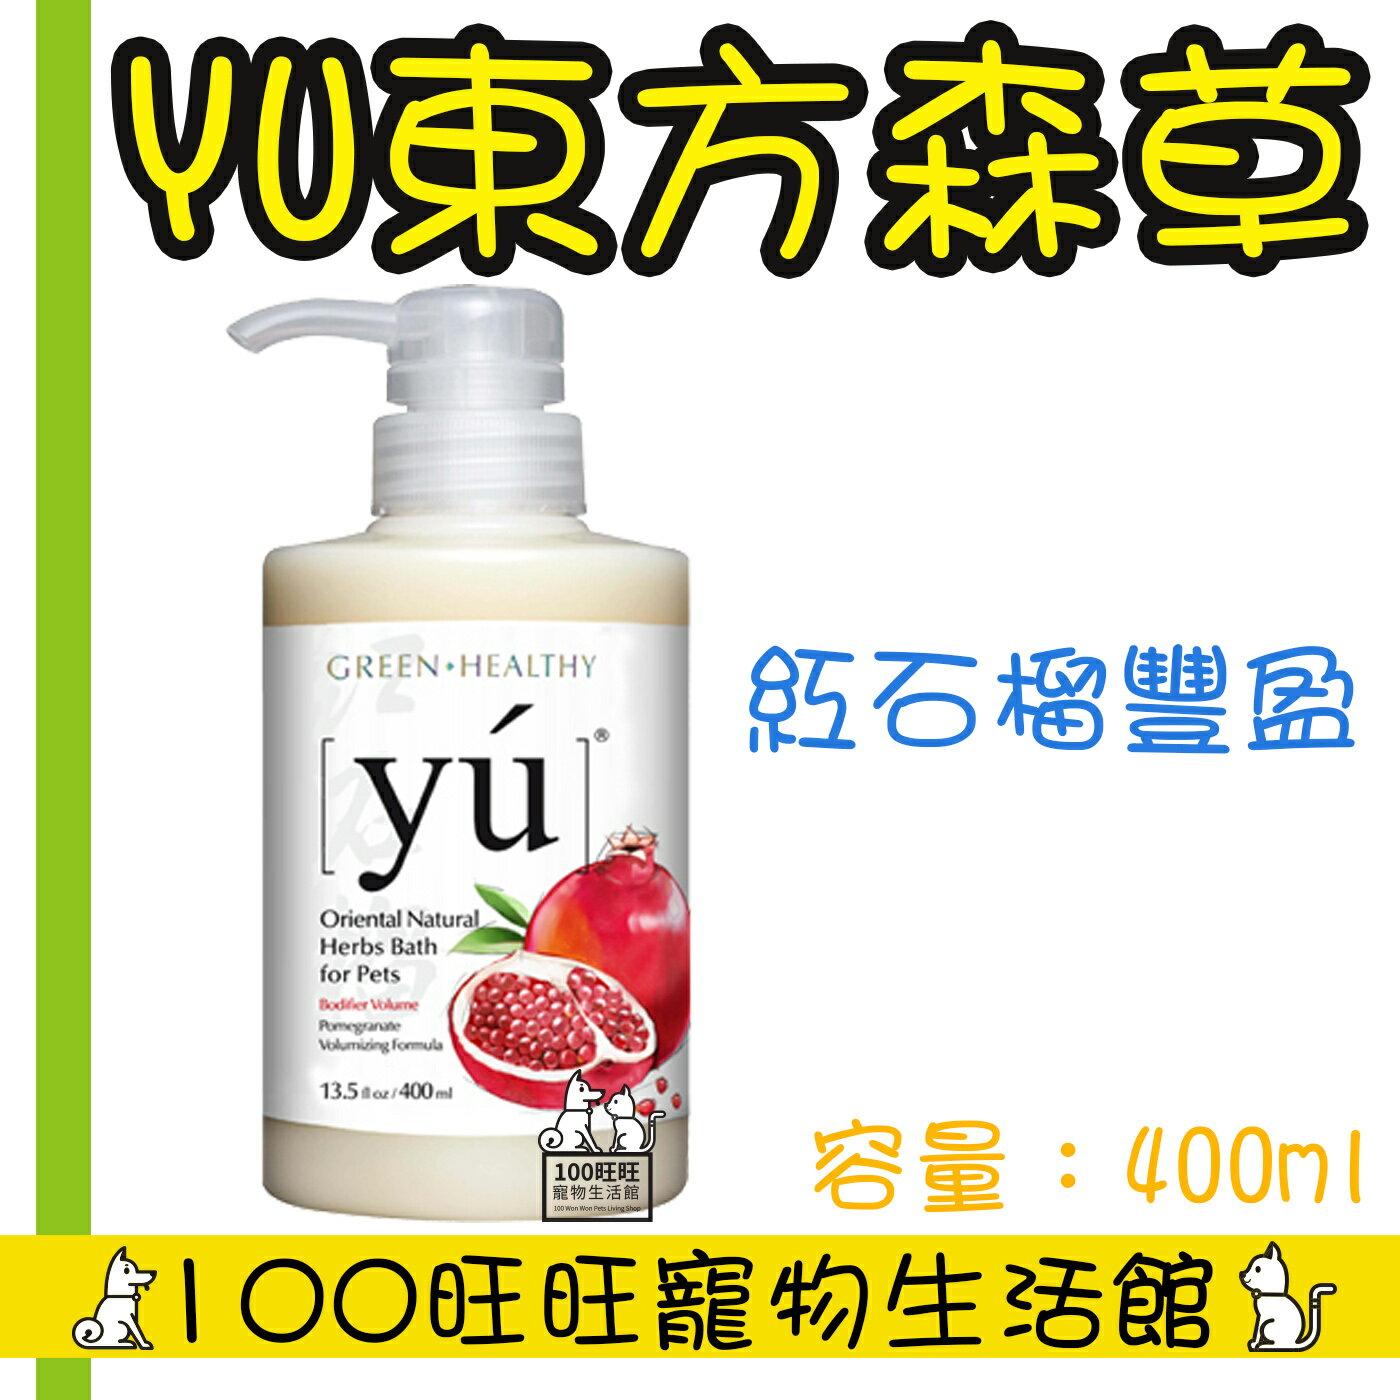 YU 東方森草寵物沐浴乳 含有機認證成分 紅石榴豐盈配方 400ml 寵物洗毛精